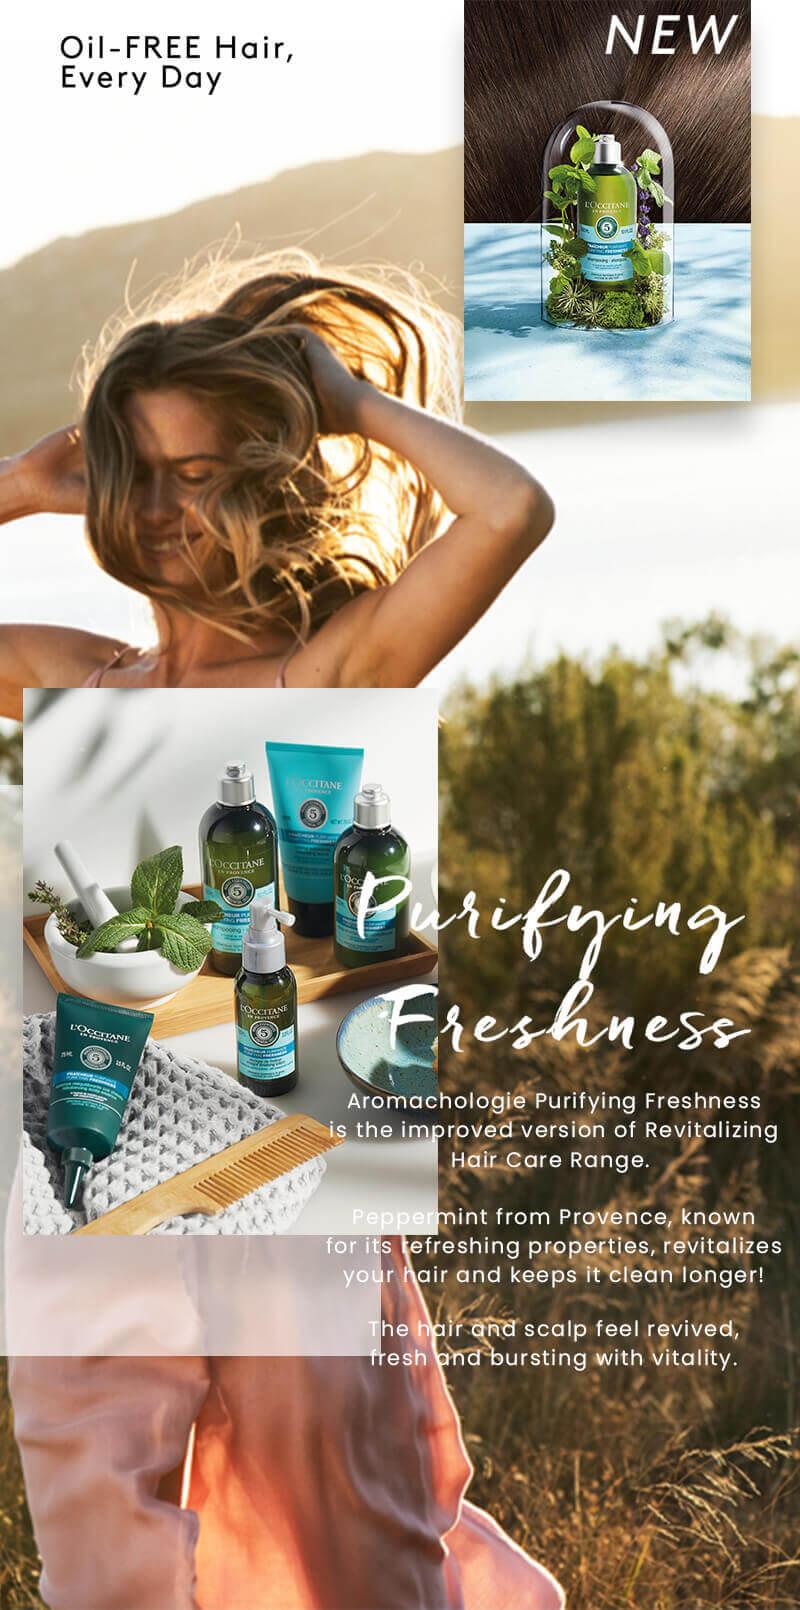 Purifying Freshness